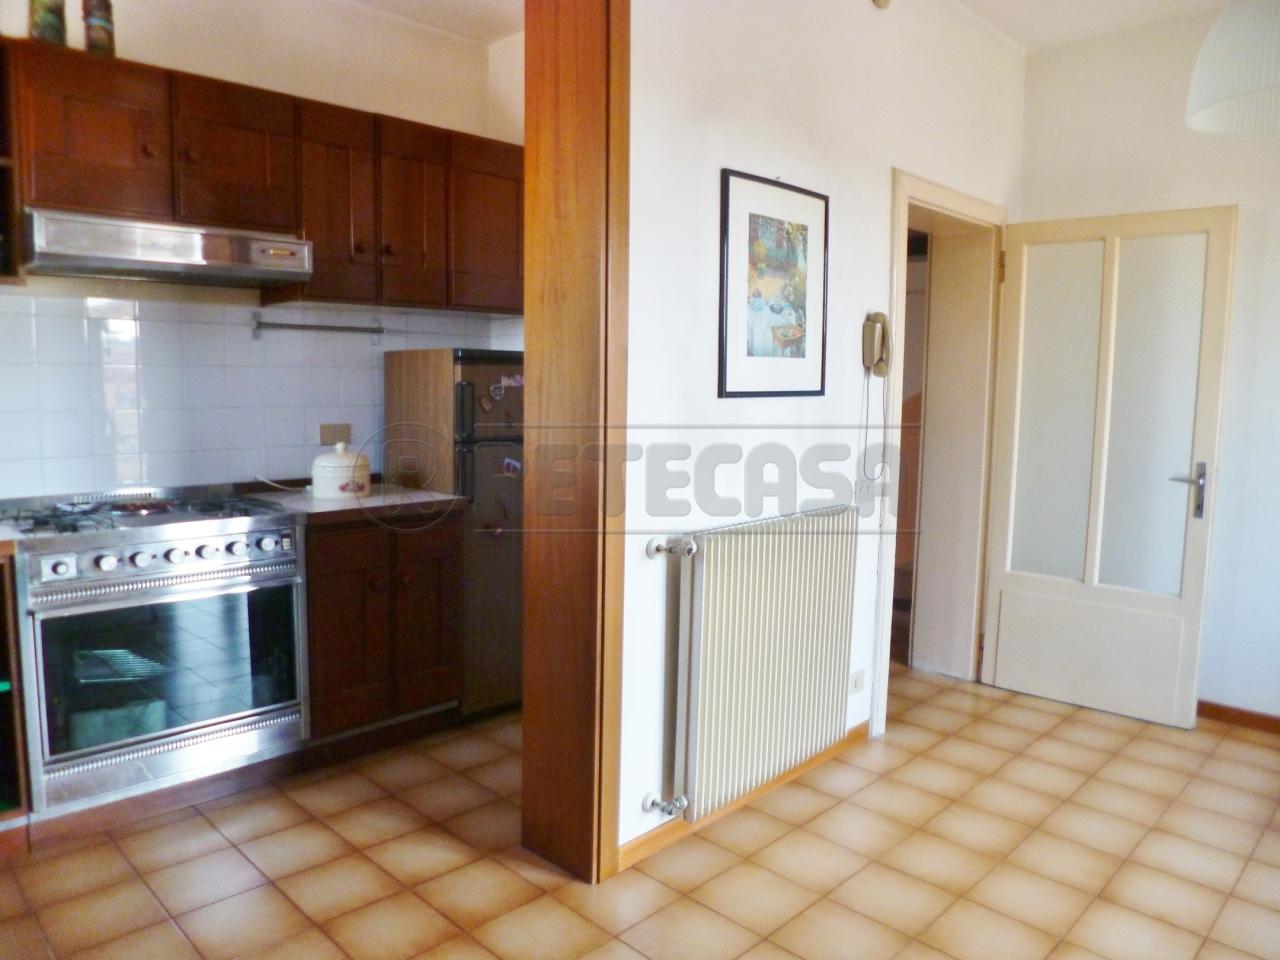 Appartamento in vendita a Lonigo, 4 locali, prezzo € 48.000 | PortaleAgenzieImmobiliari.it